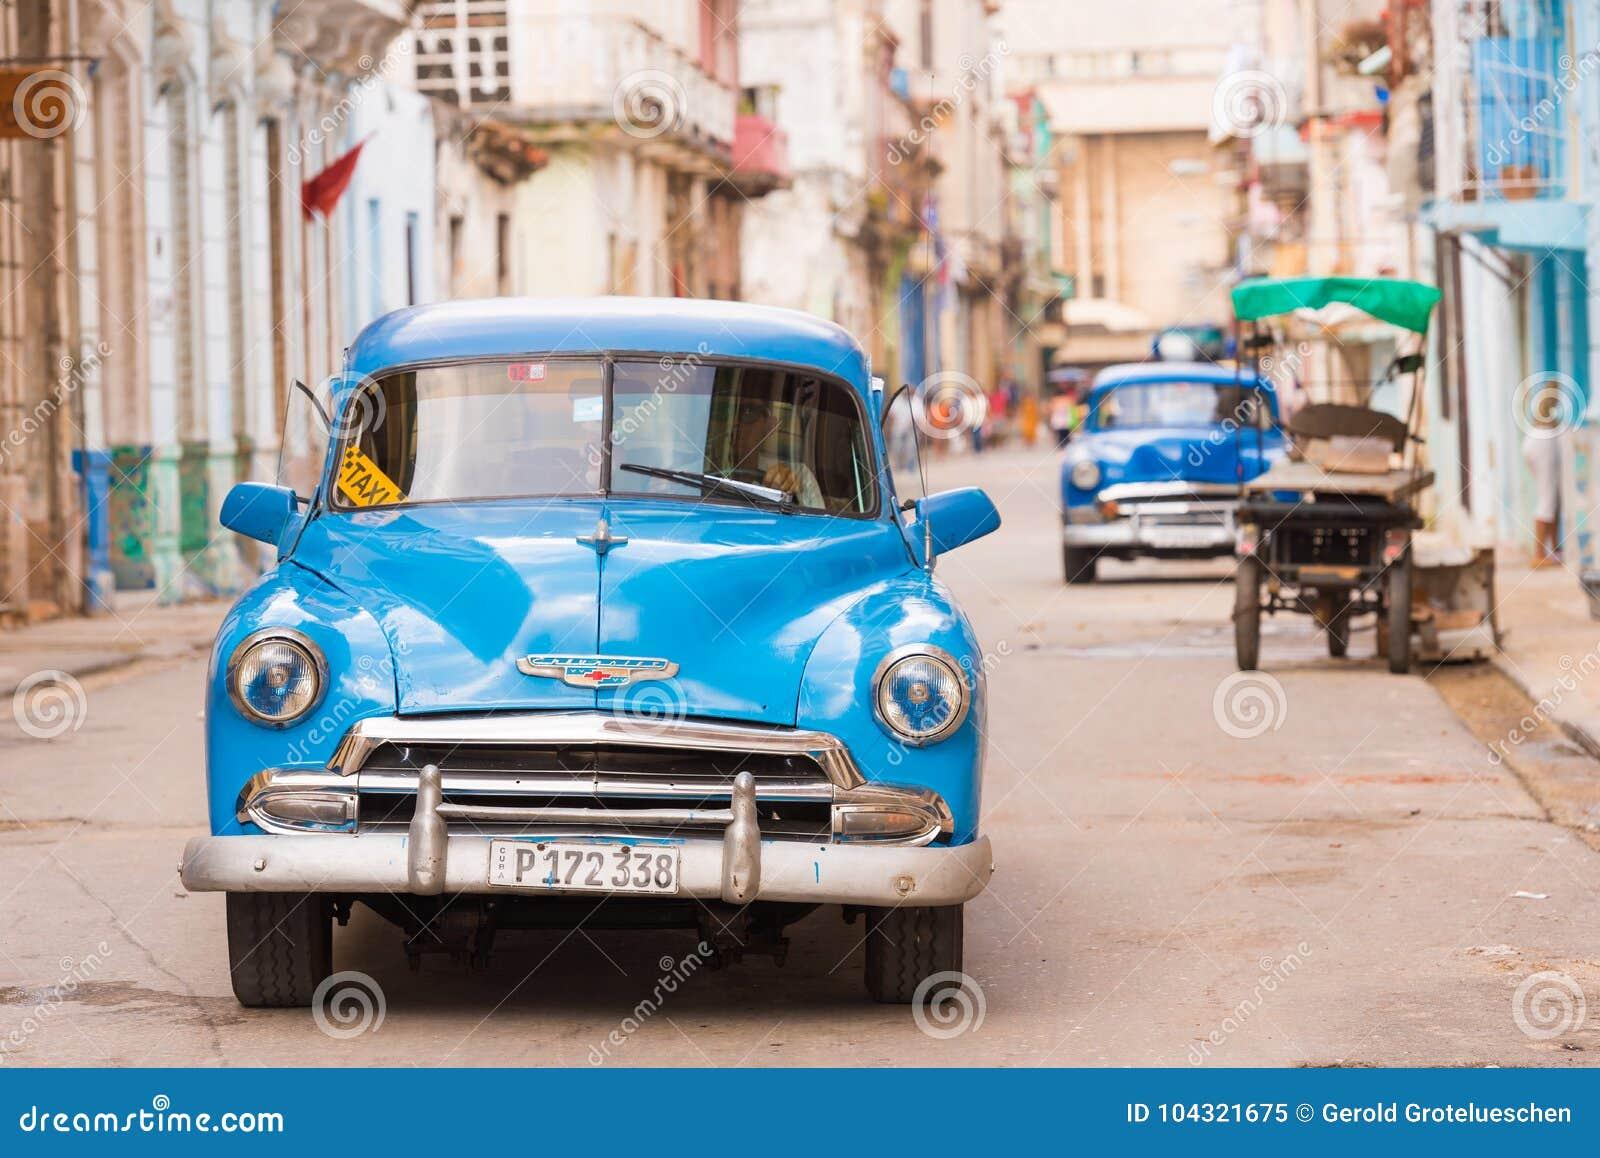 KUBA HAVANNACIGARR - MAJ 5, 2017: En blå amerikansk retro bil på en stadsgata opy utrymme för ï¿ ½ för text